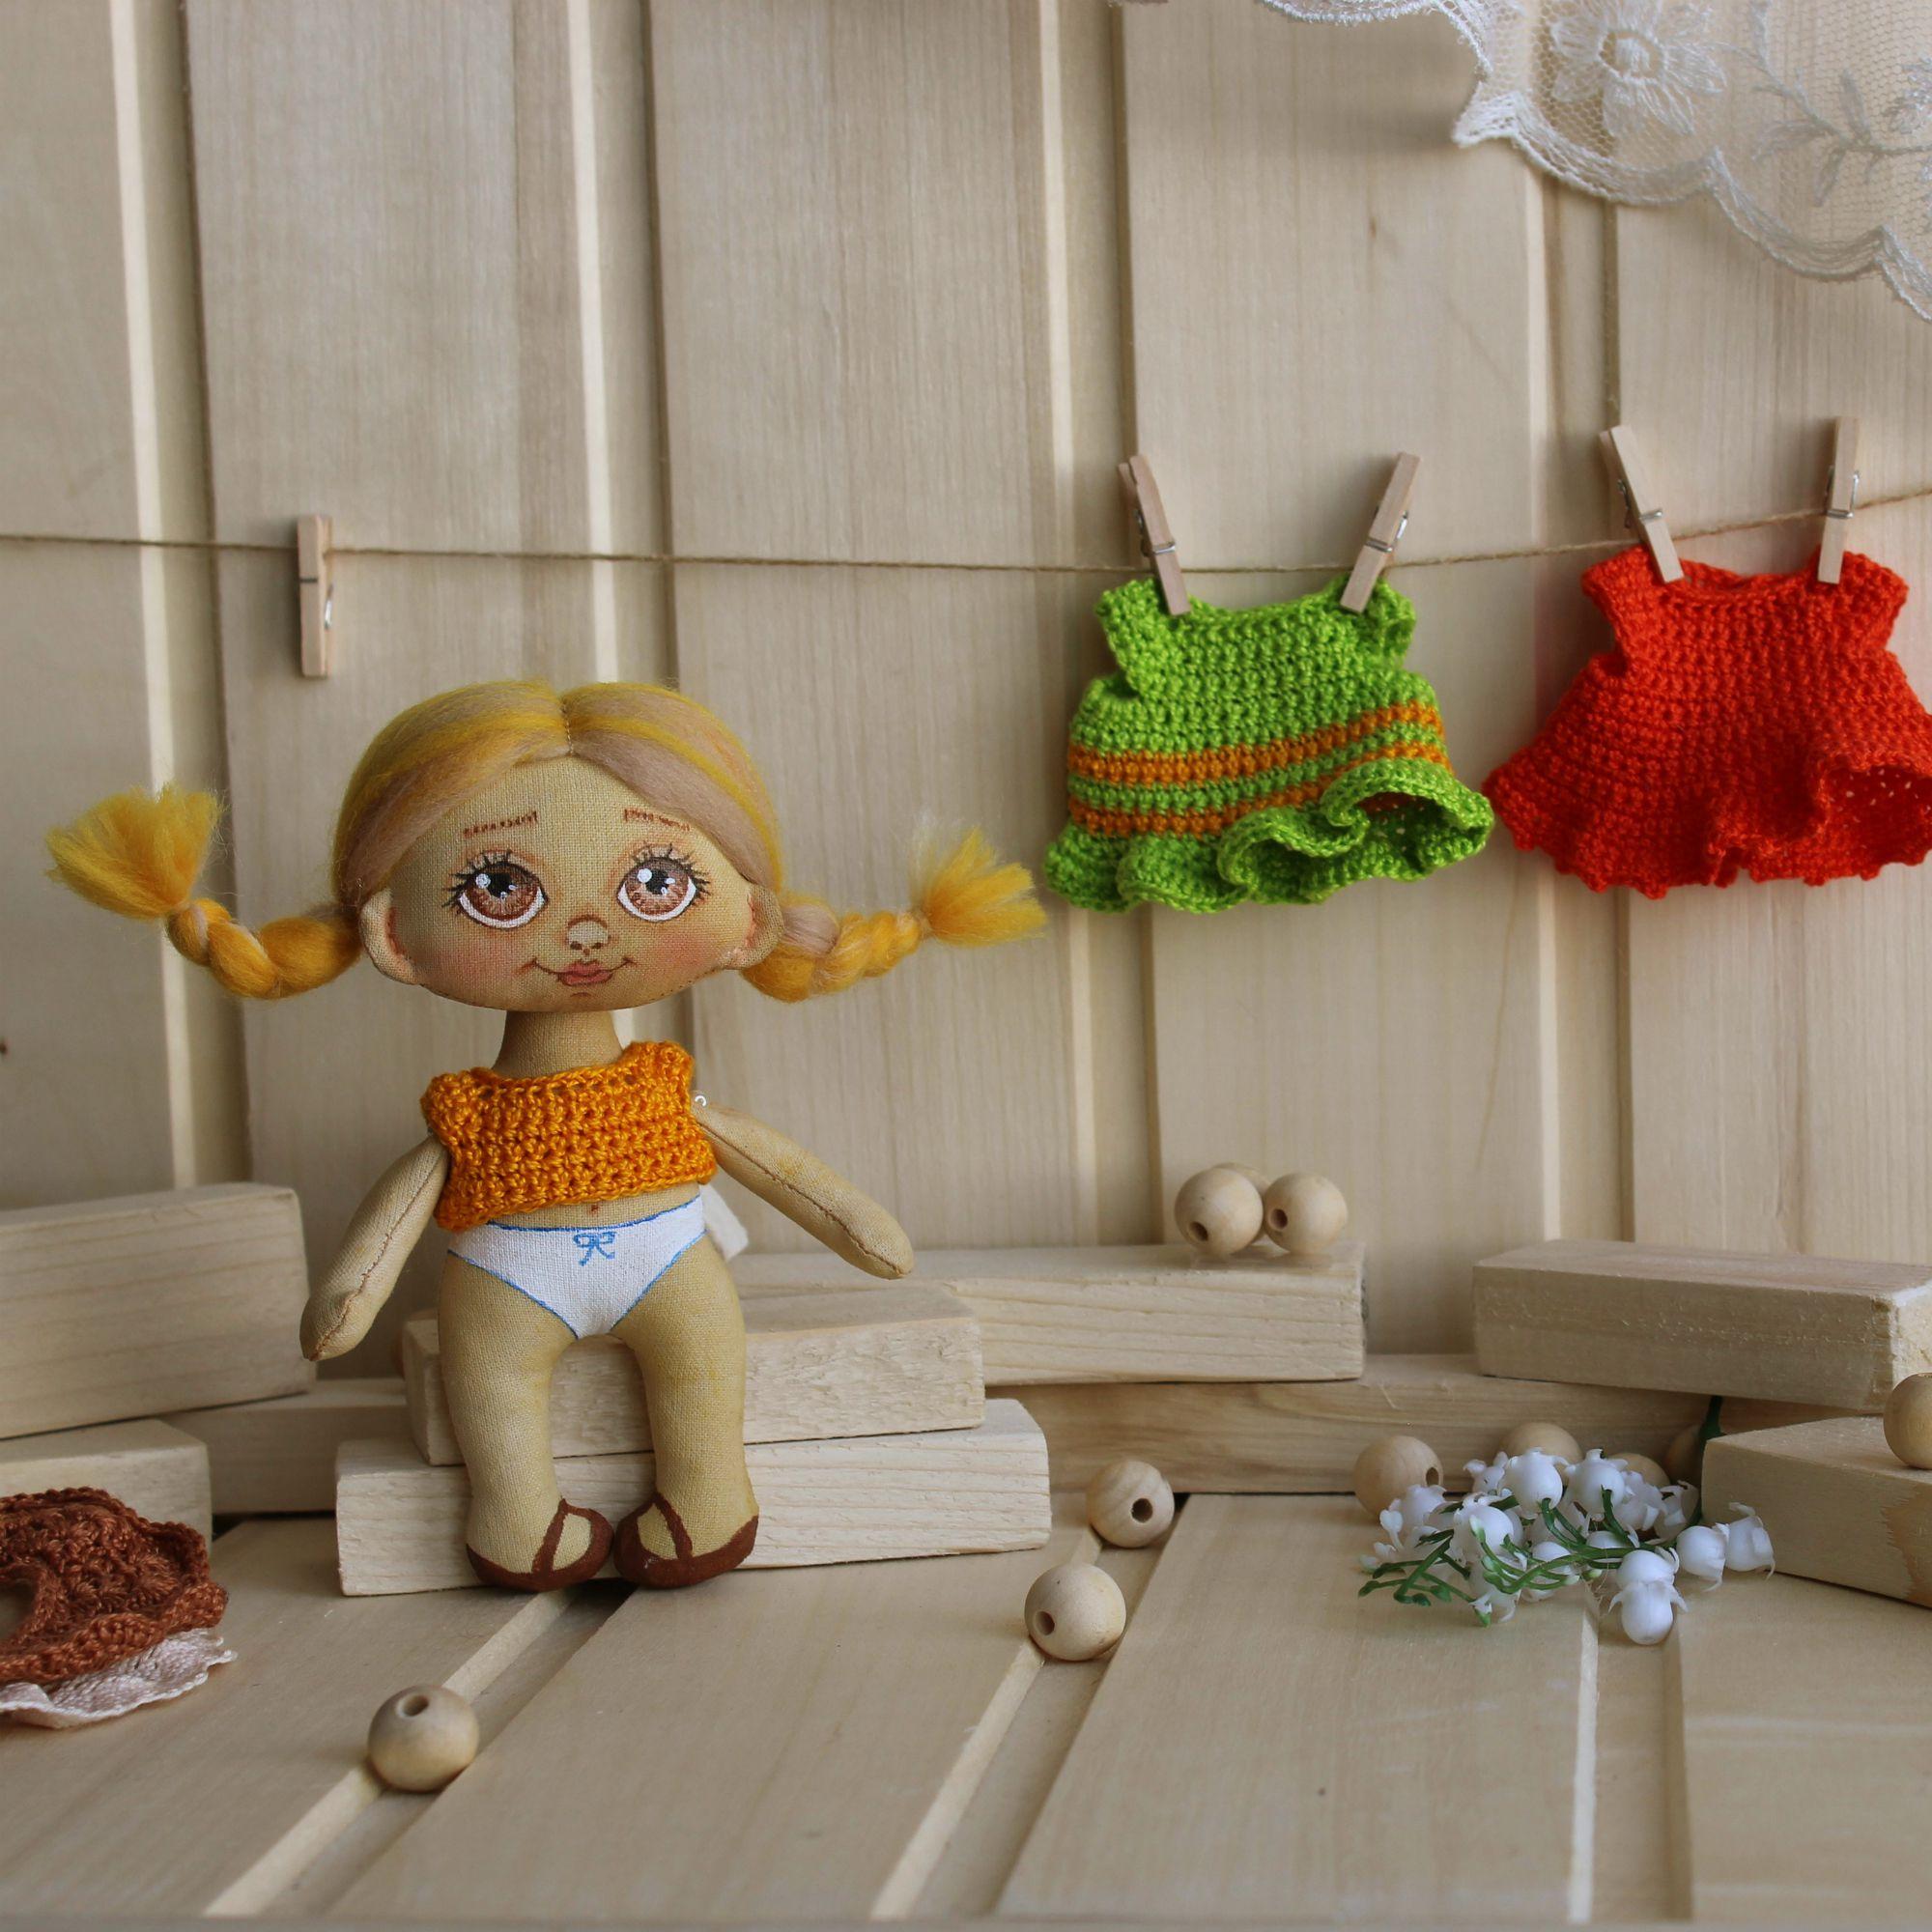 подарок кукла одежде съемной игровая ручной работы оригинальный текстильная